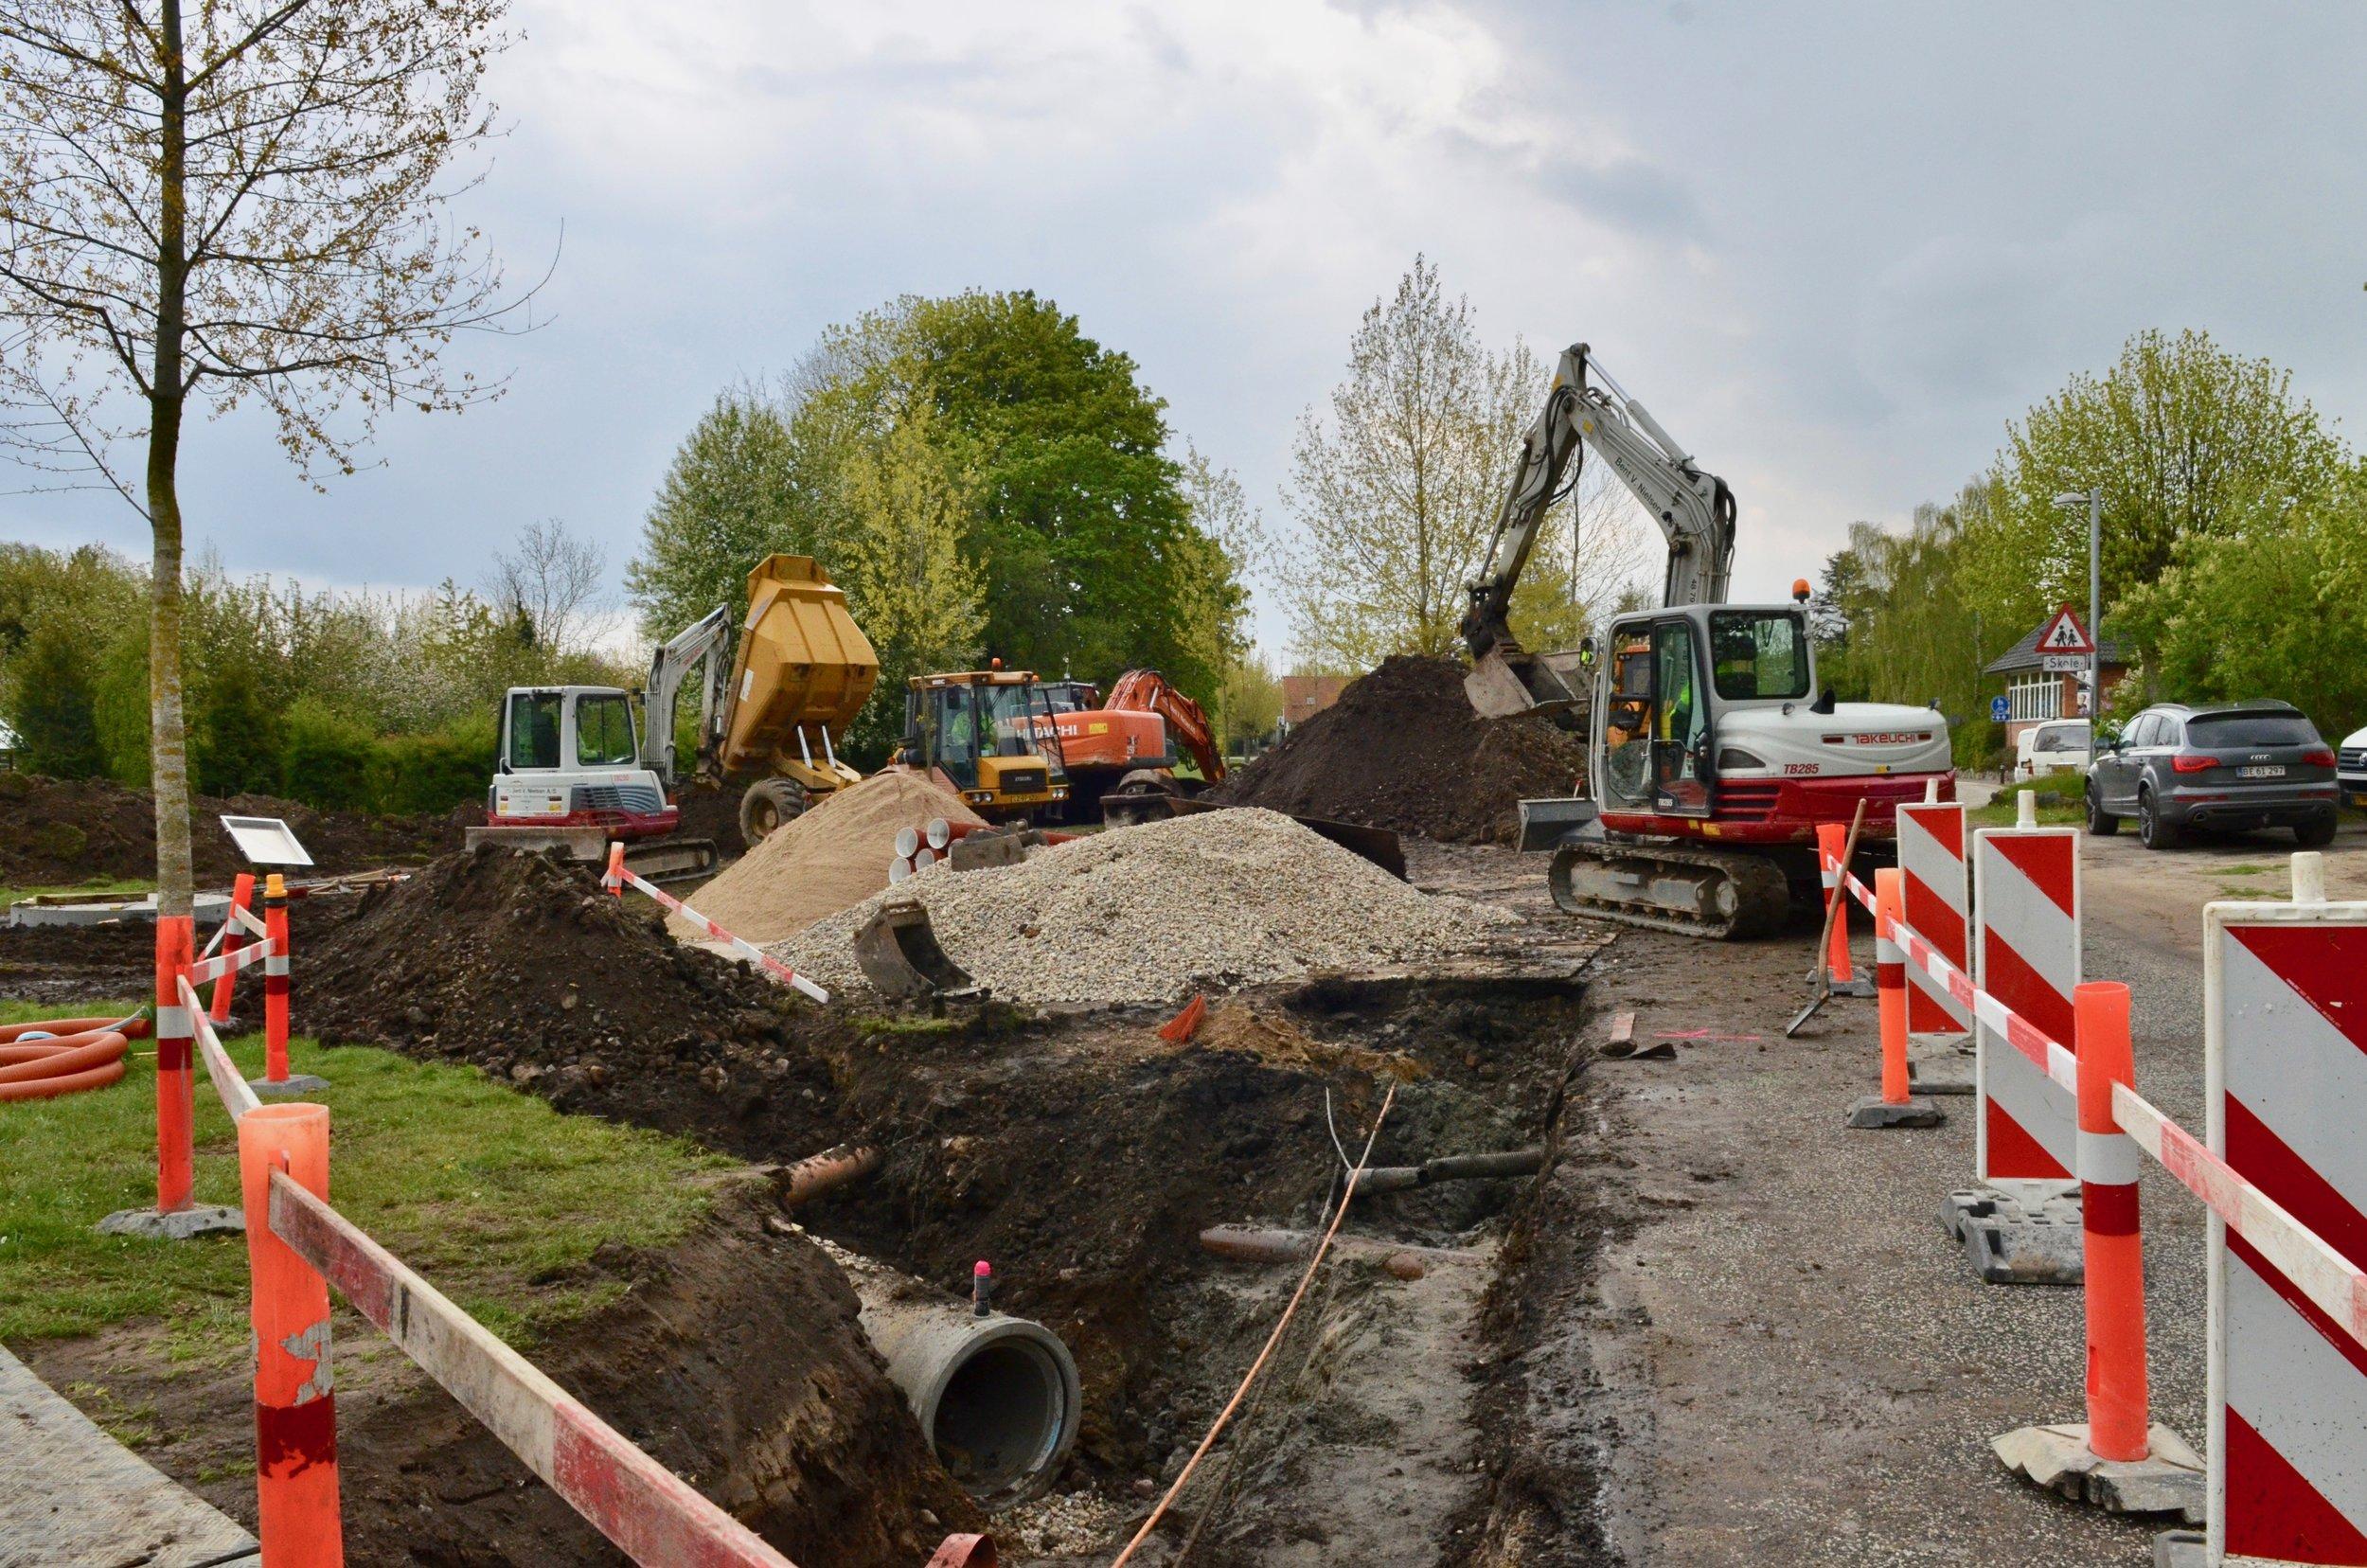 Frem til september etableres der en ny regnvandskloak på dele af Kærvej og Blovstrød Allé samt hele Byagervej. Foto: AOB